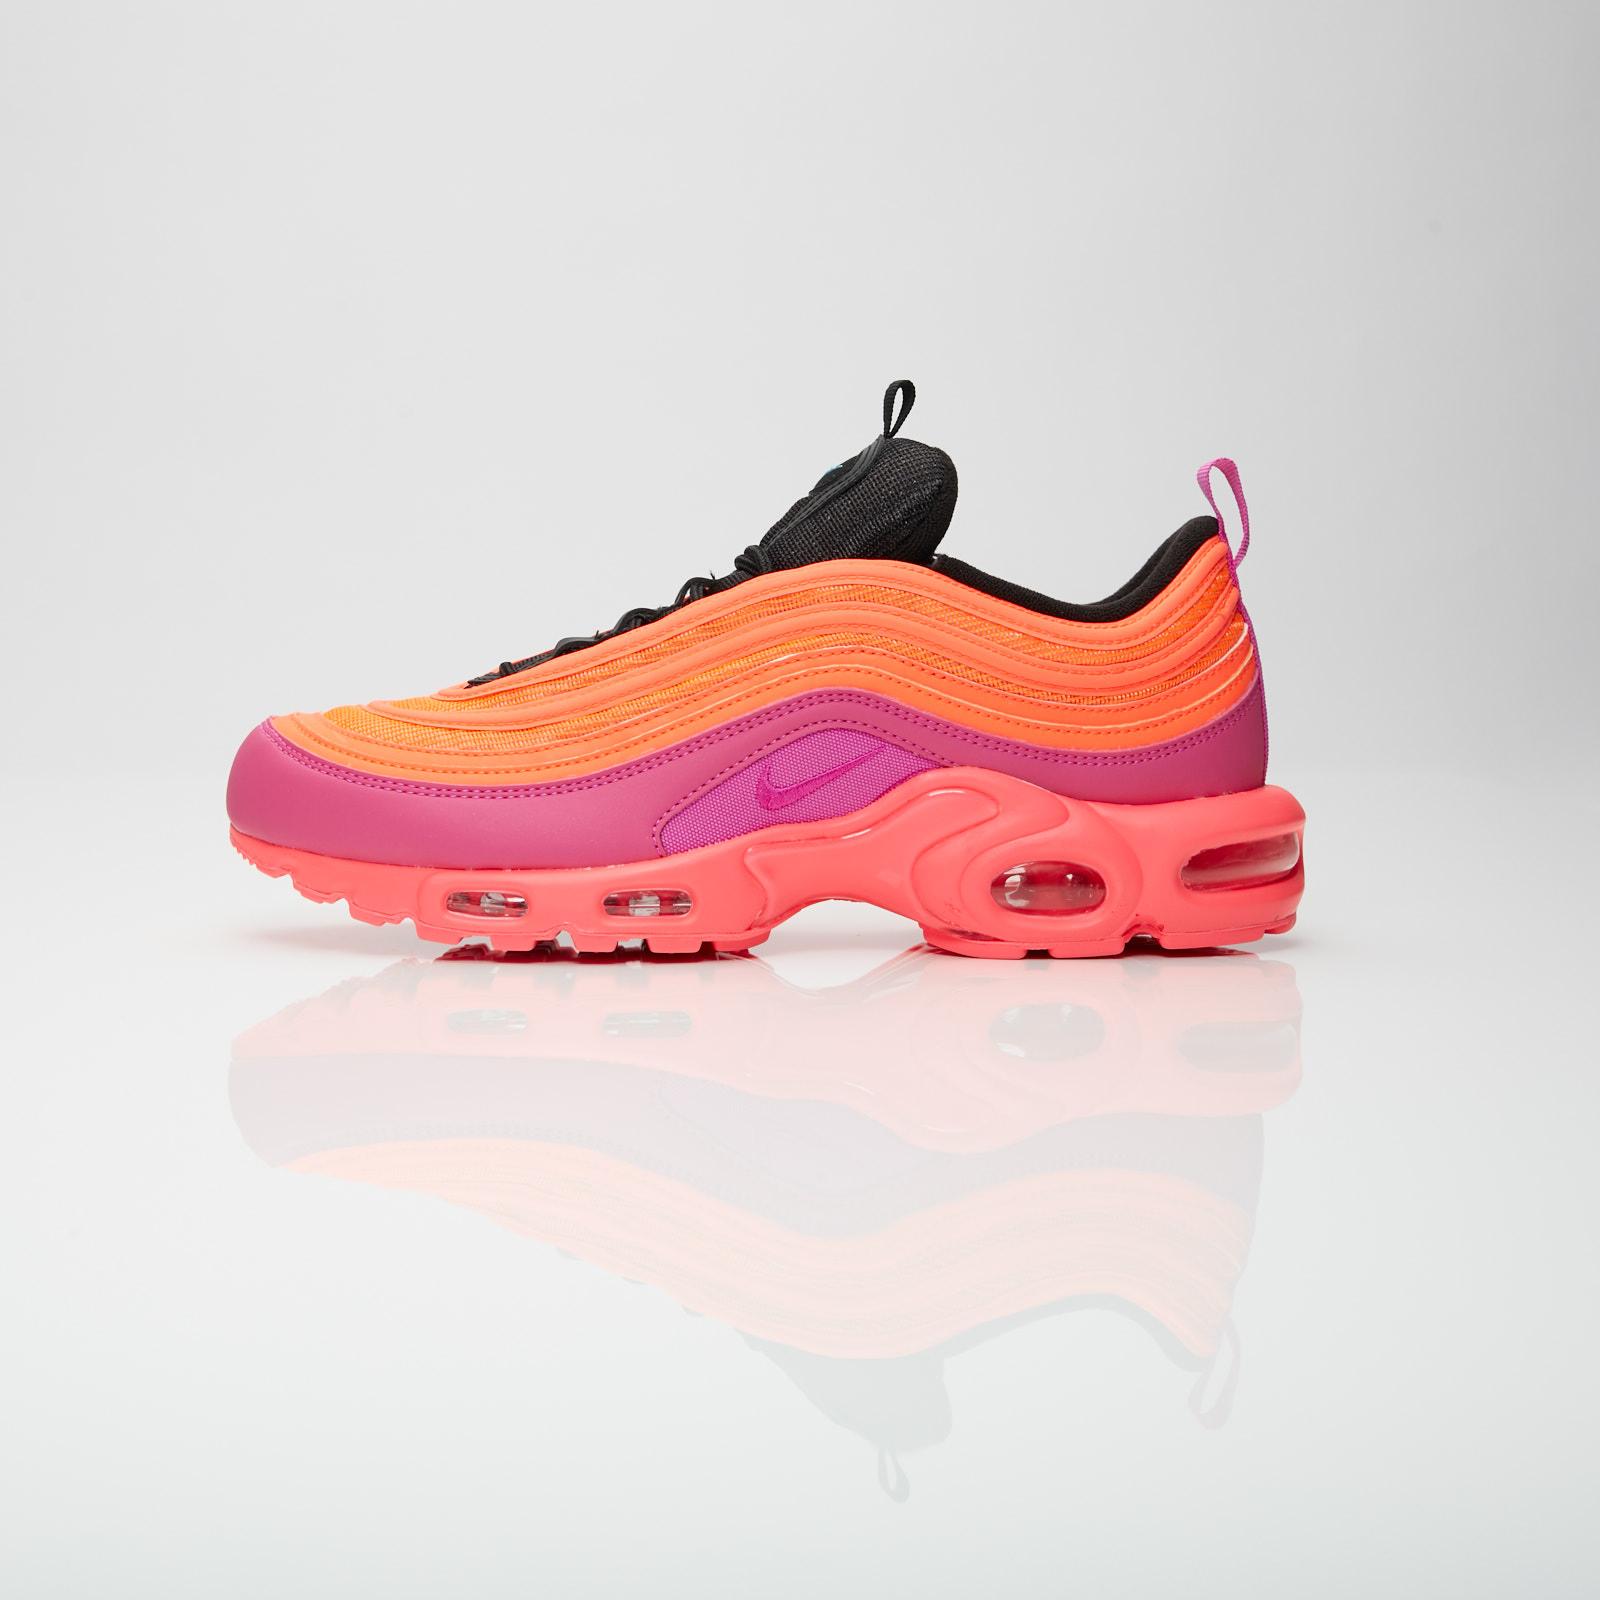 2ddb6cafa0 Nike Air Max Plus/97 - Ah8143-600 - Sneakersnstuff | sneakers & streetwear  online since 1999